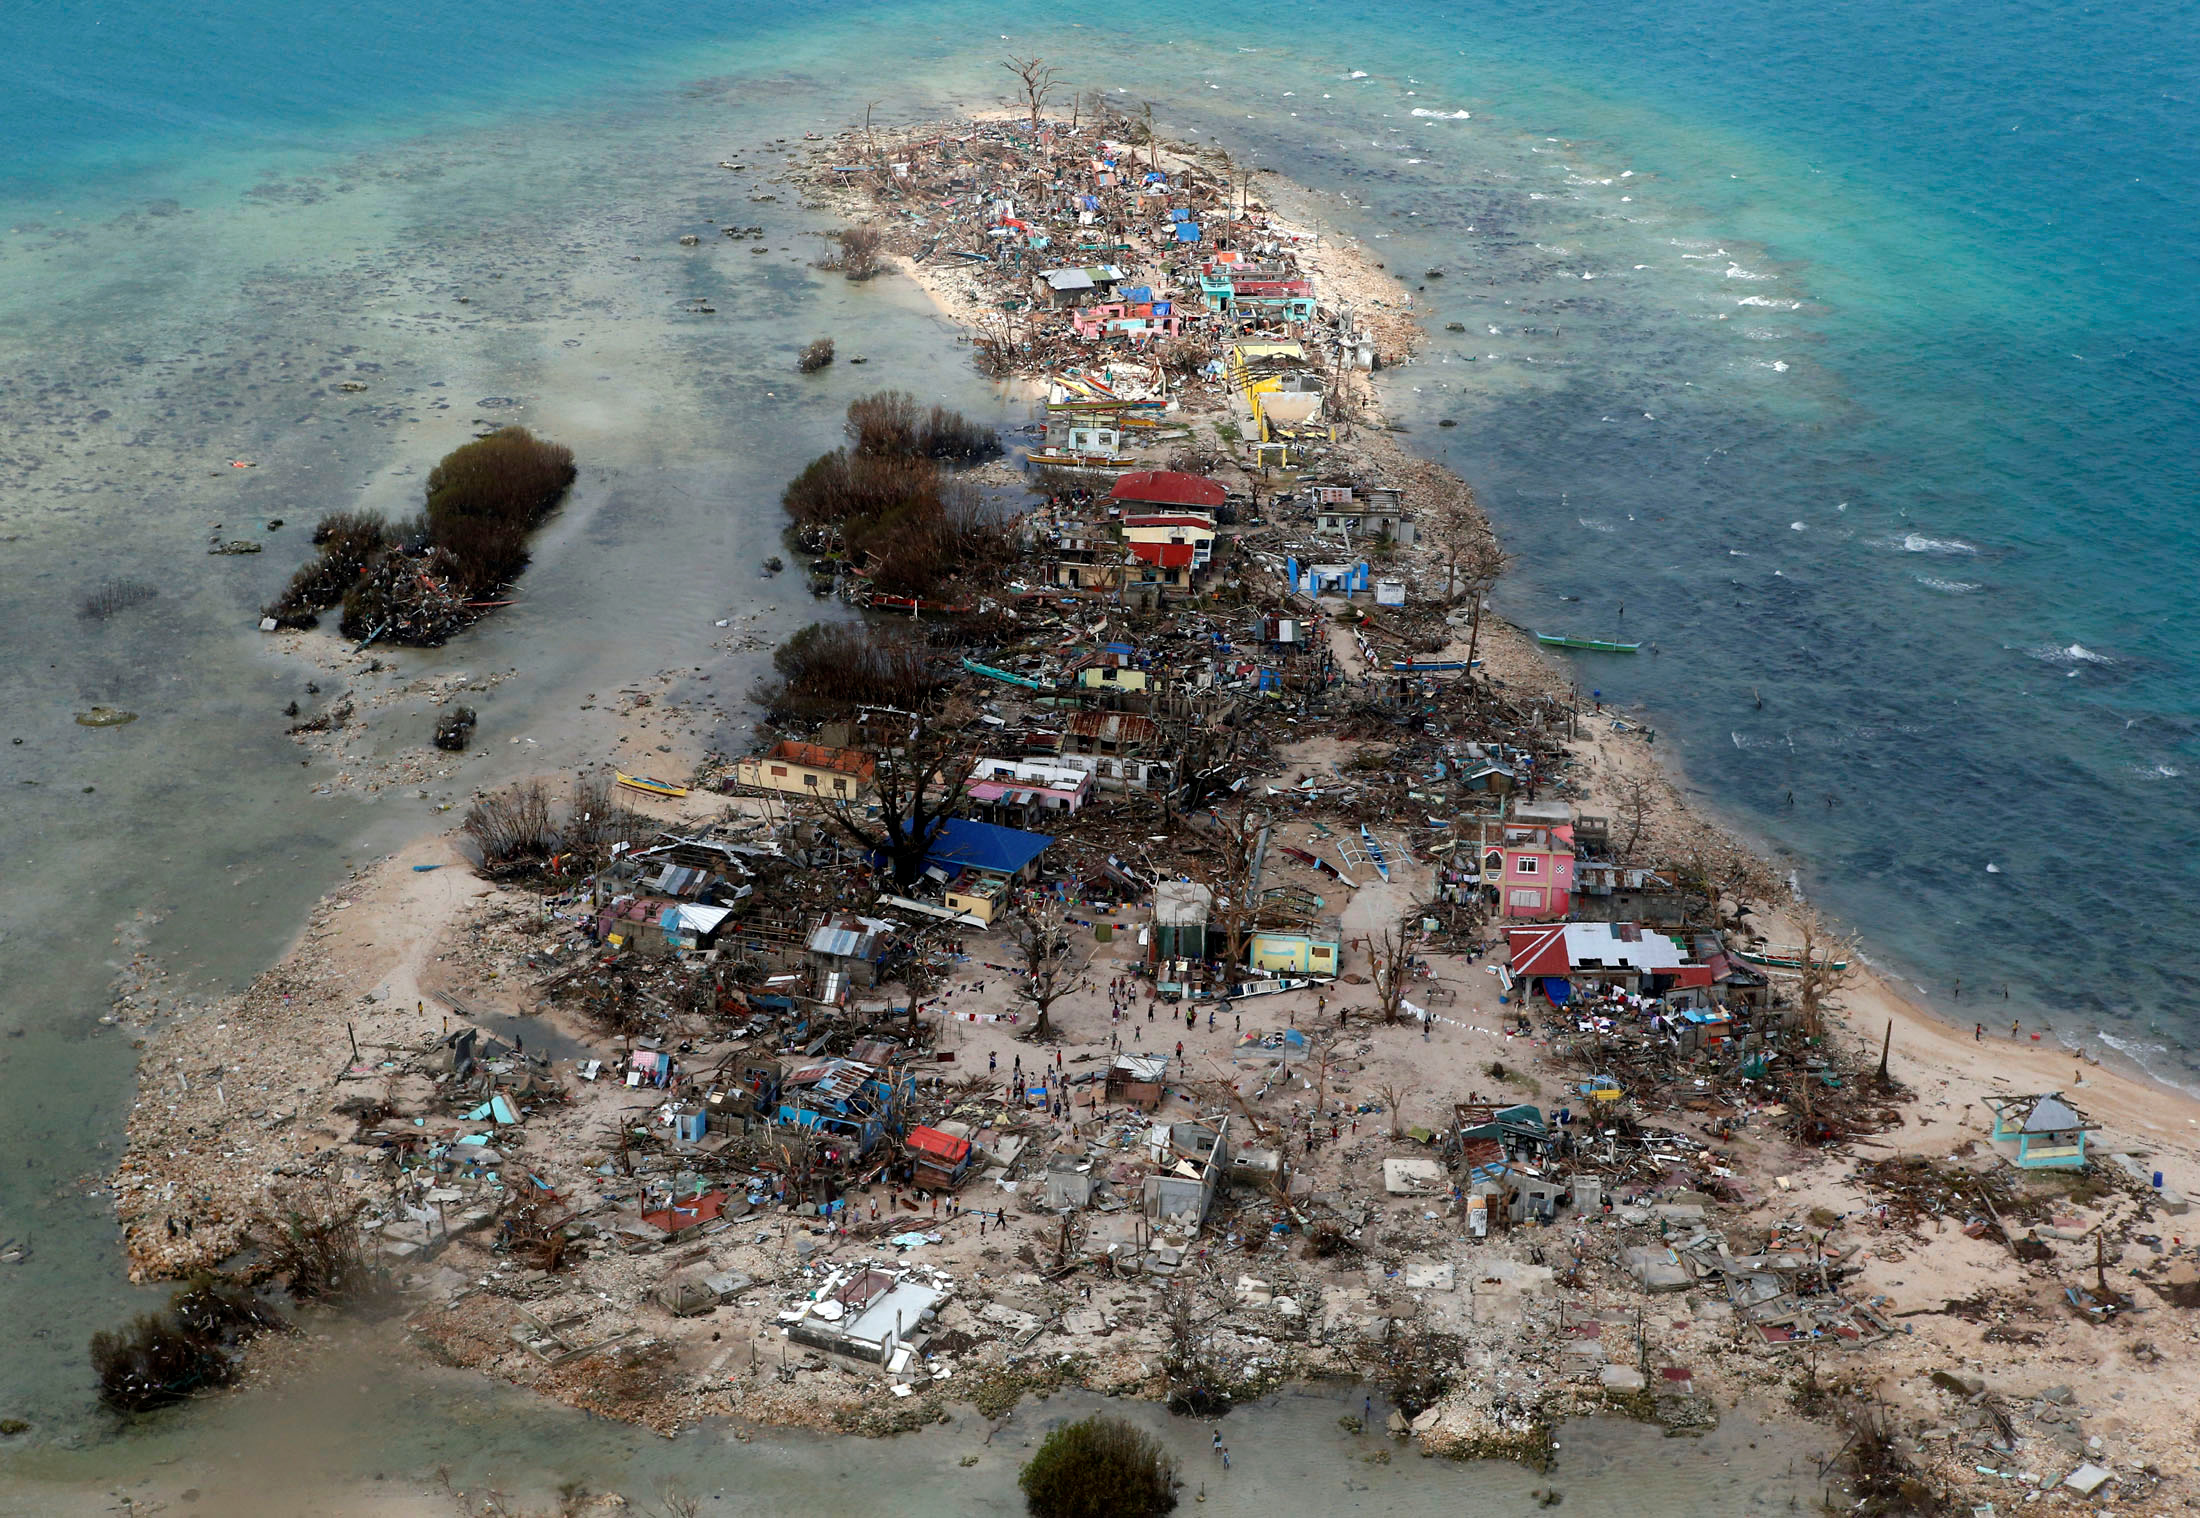 Una vista aérea de una ciudad costera devastada por el súper tifón Haiyan en la provincia de Samar, Filipinas, 11 de noviembre de 2013 (REUTERS/Erik De Castro)